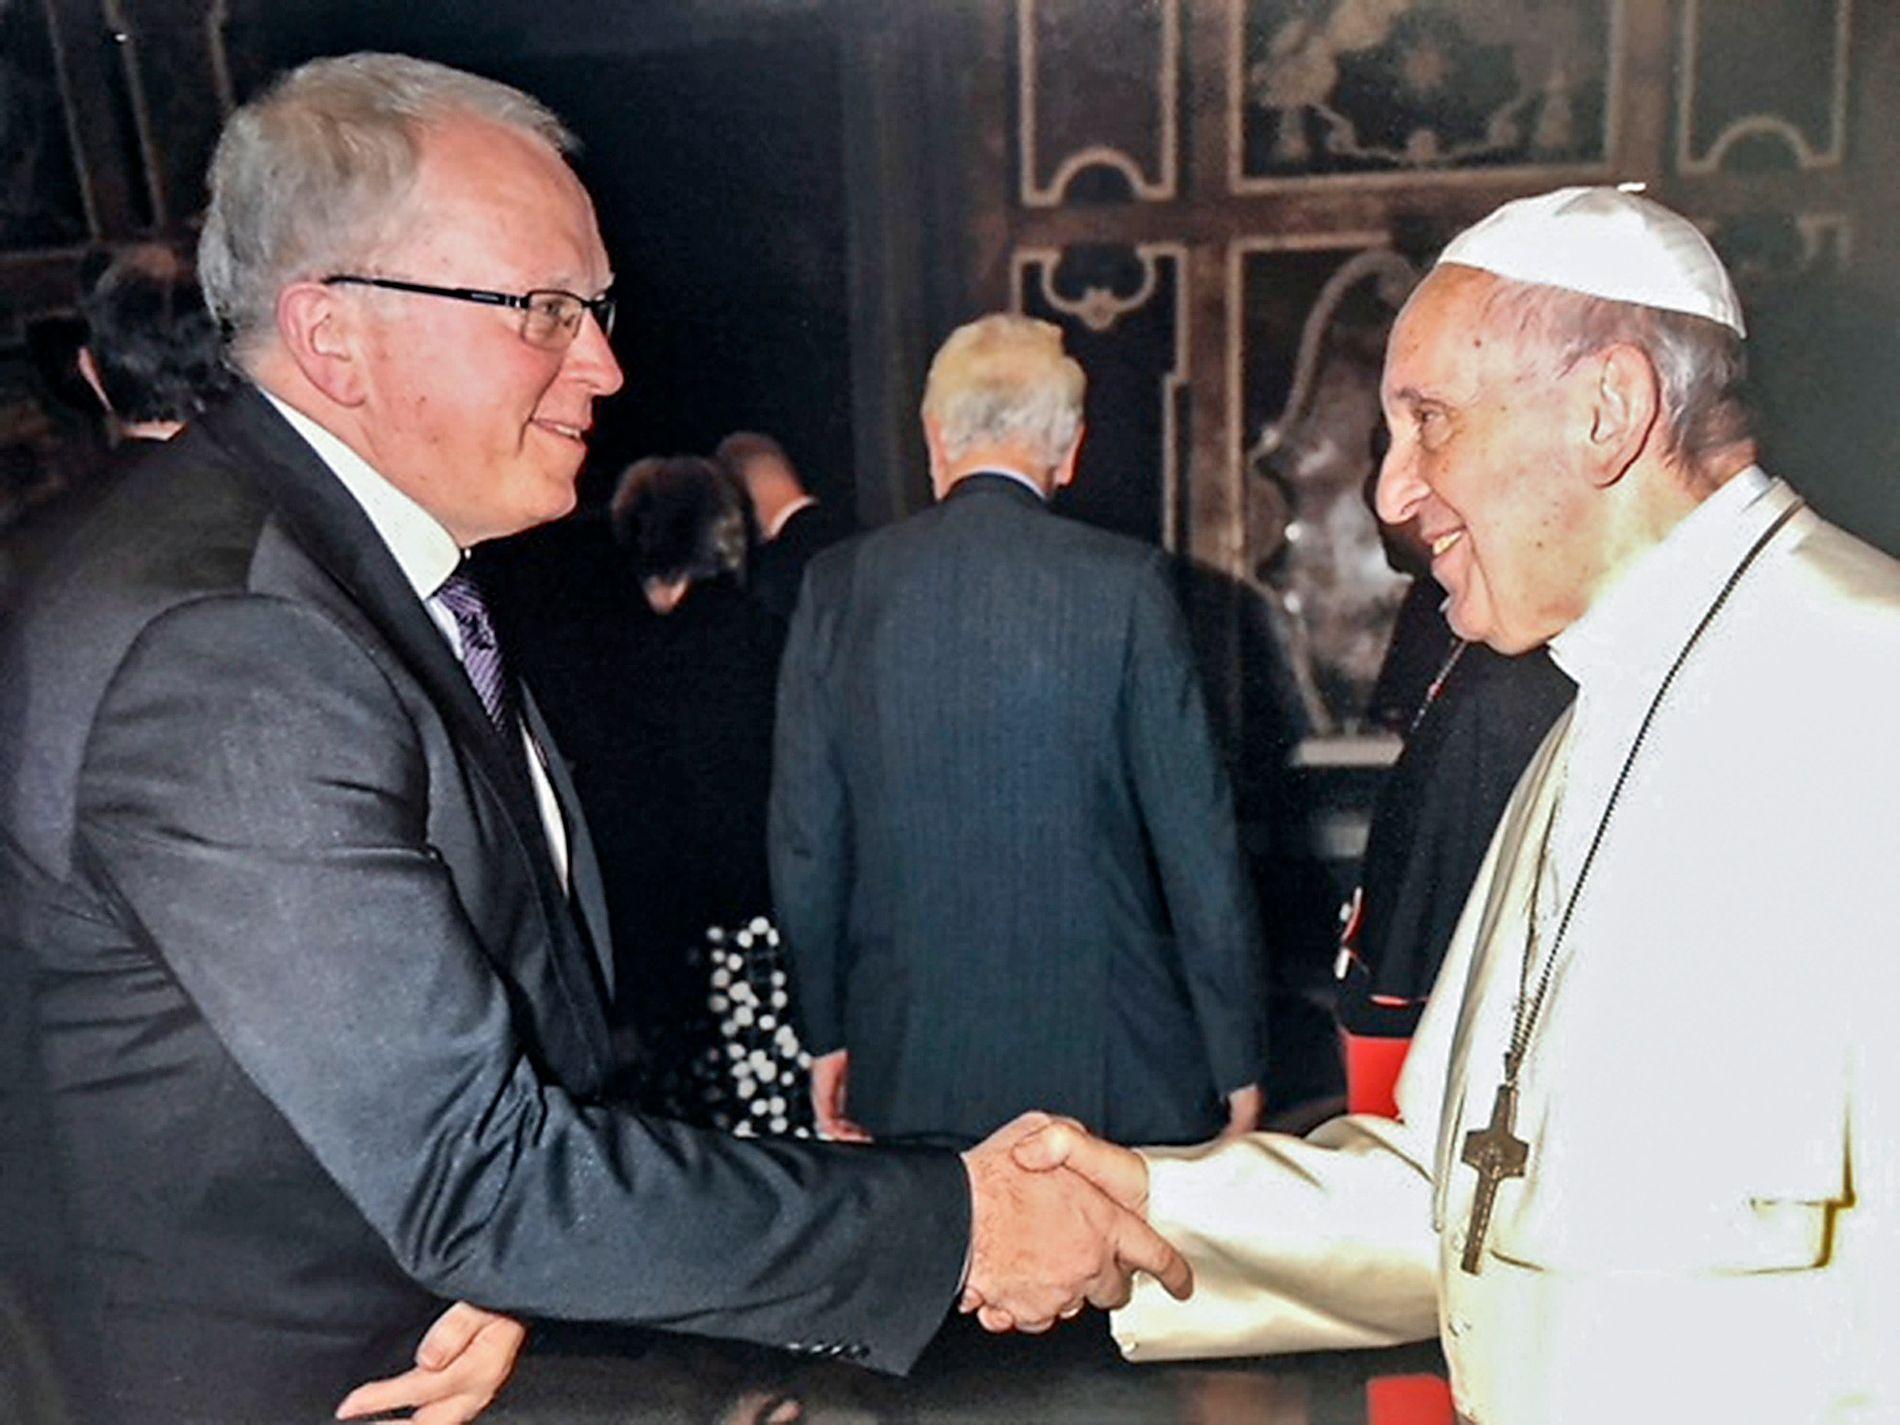 MØTTE PAVEN:  Equinor-sjef Eldar Sætre møtte Pave Frans i Vatikanet i dag.